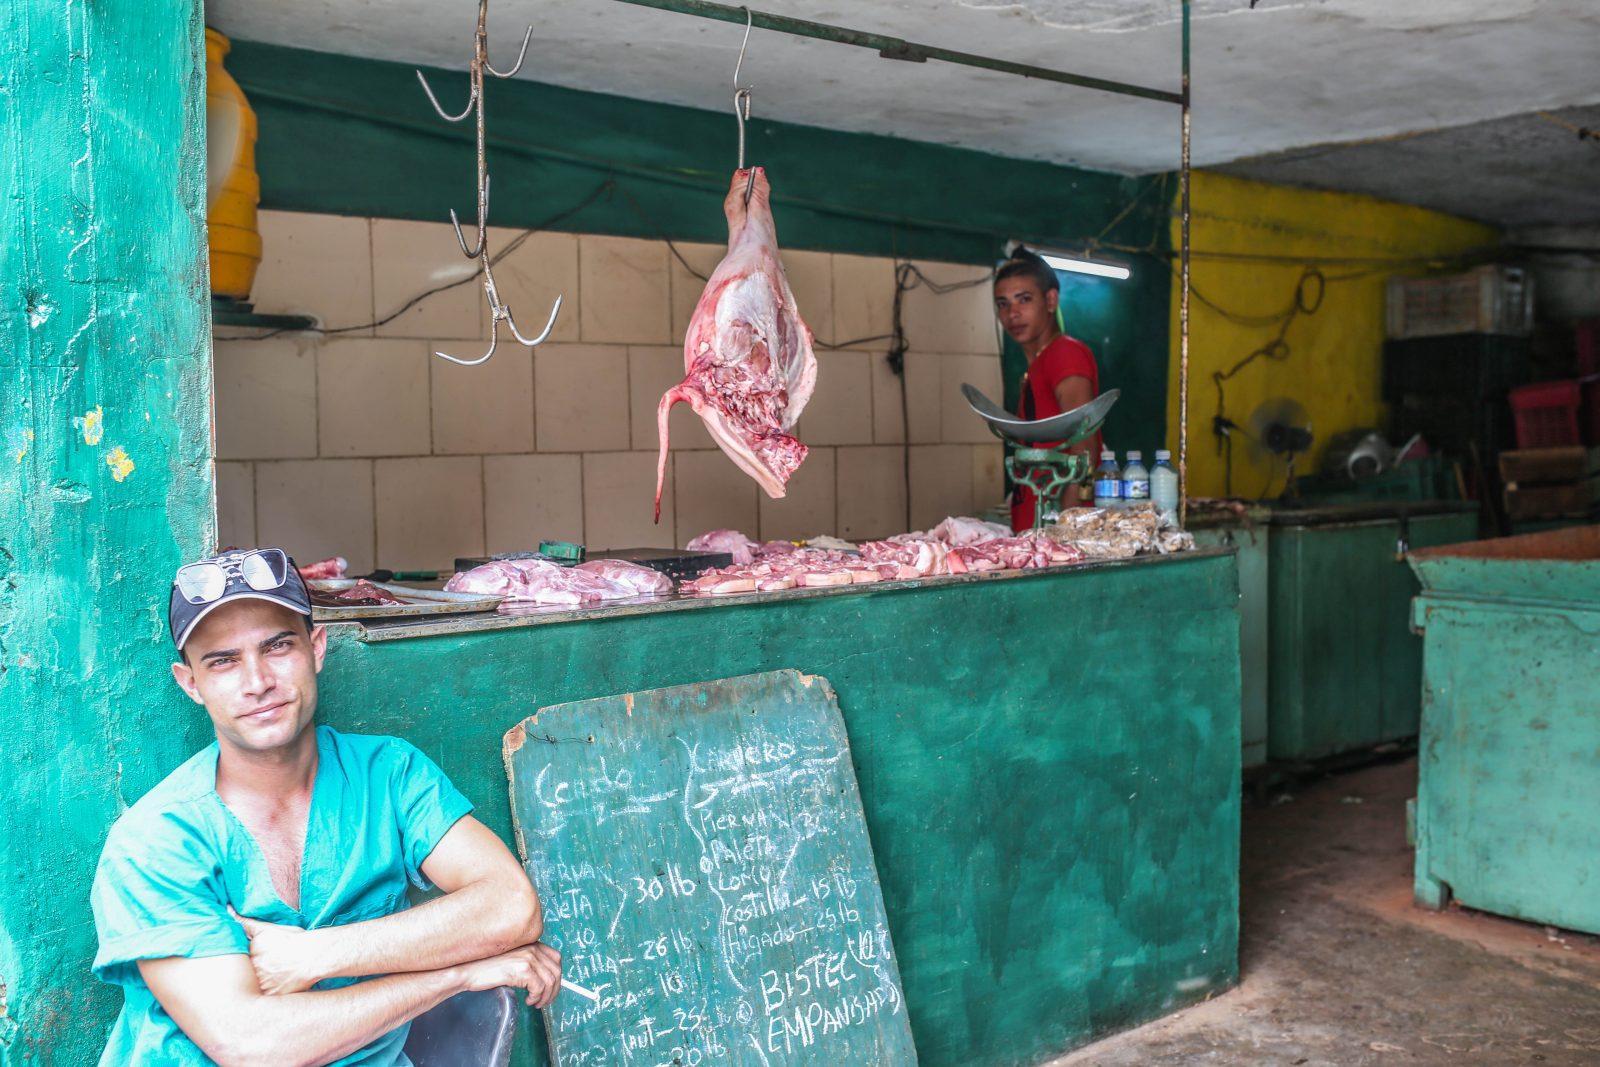 Buying Meat in Cuba